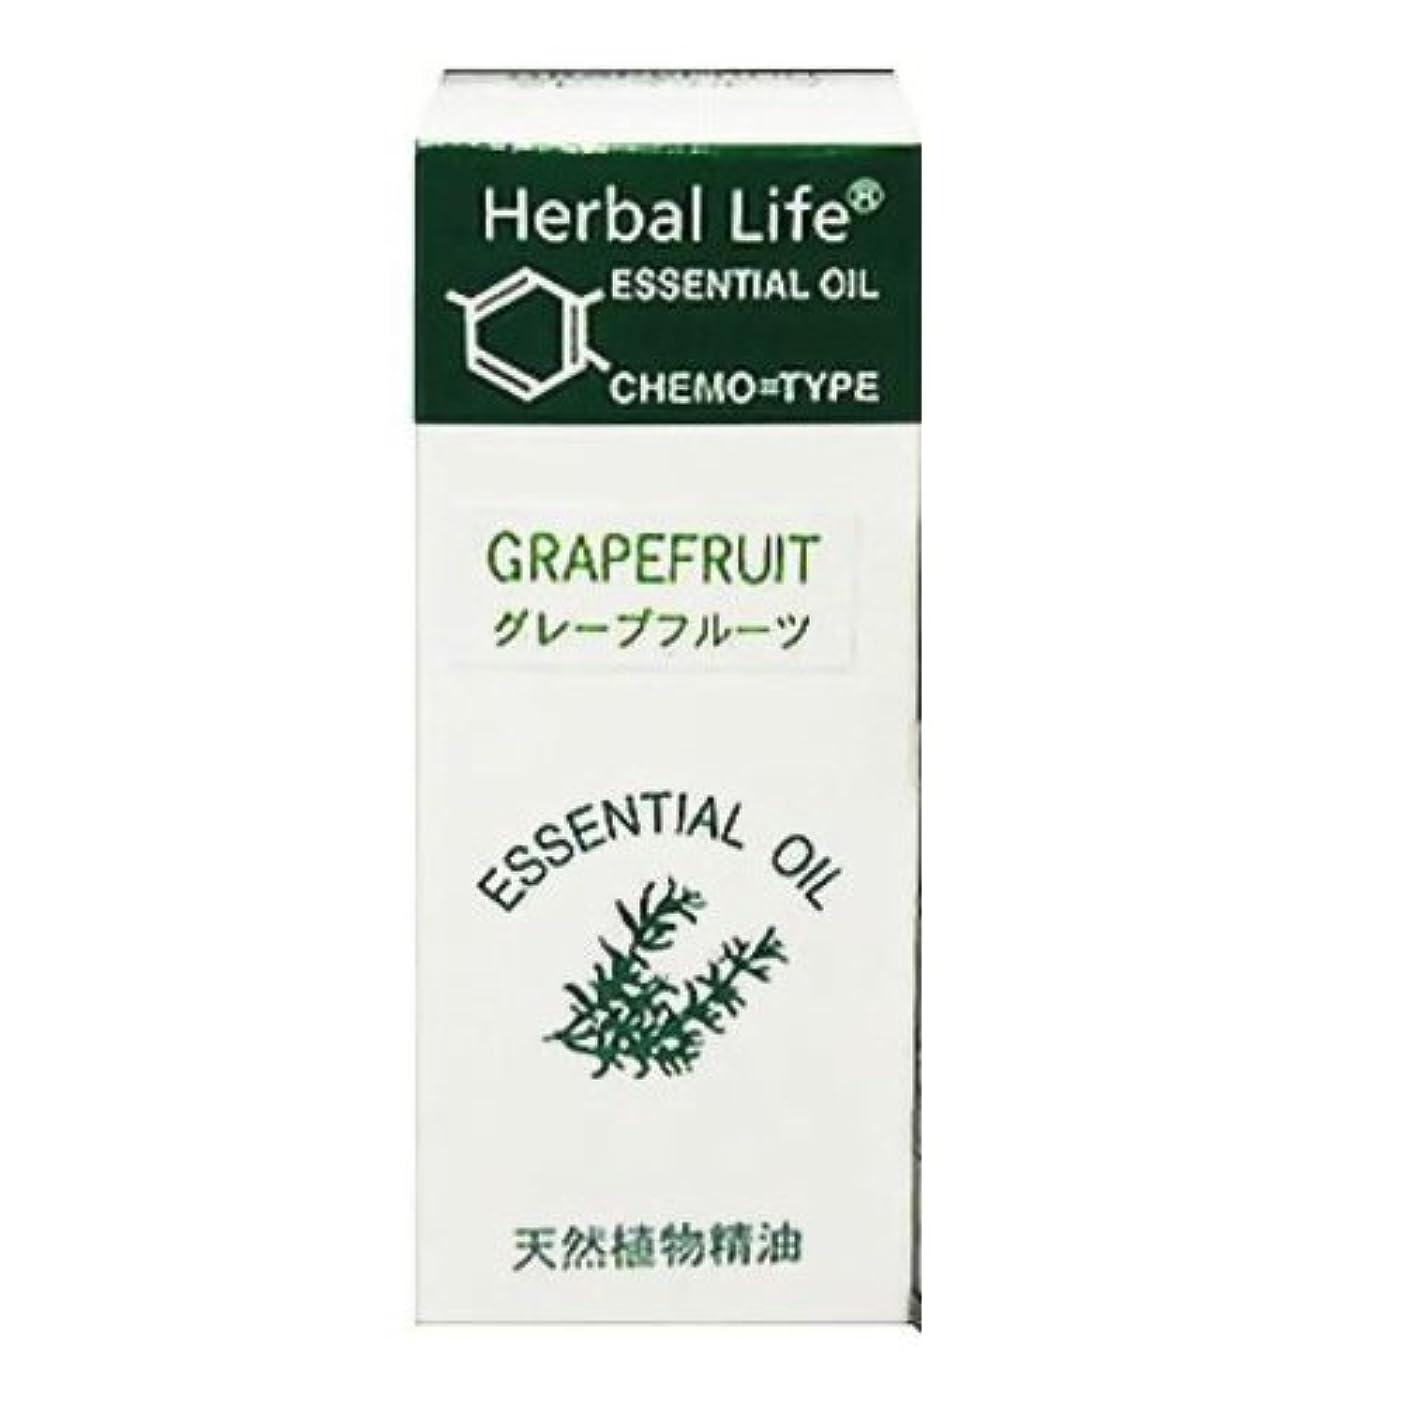 嫌い振り返る振り返る生活の木 エッセンシャルオイル グレープフルーツ 10ml